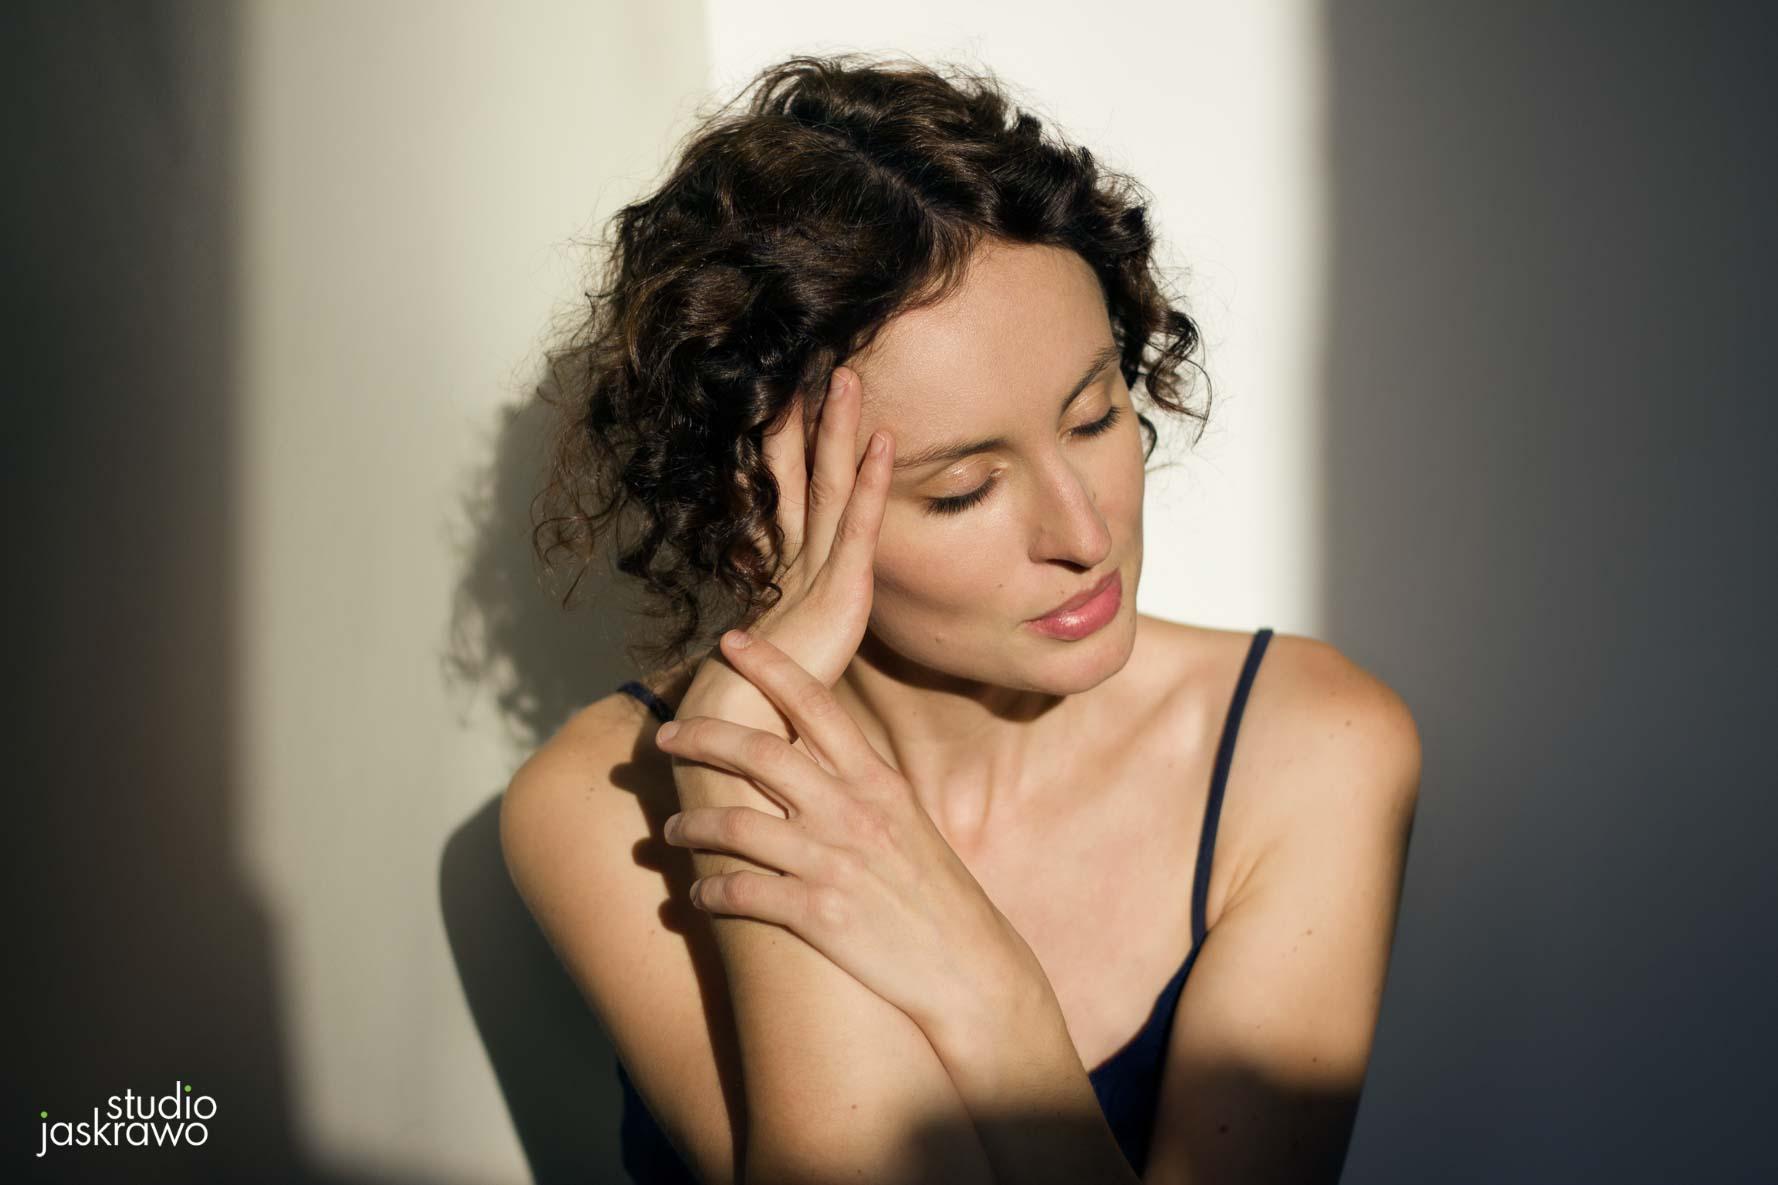 brunetka z kręconymi włosami trzyma ręce przy twarzy